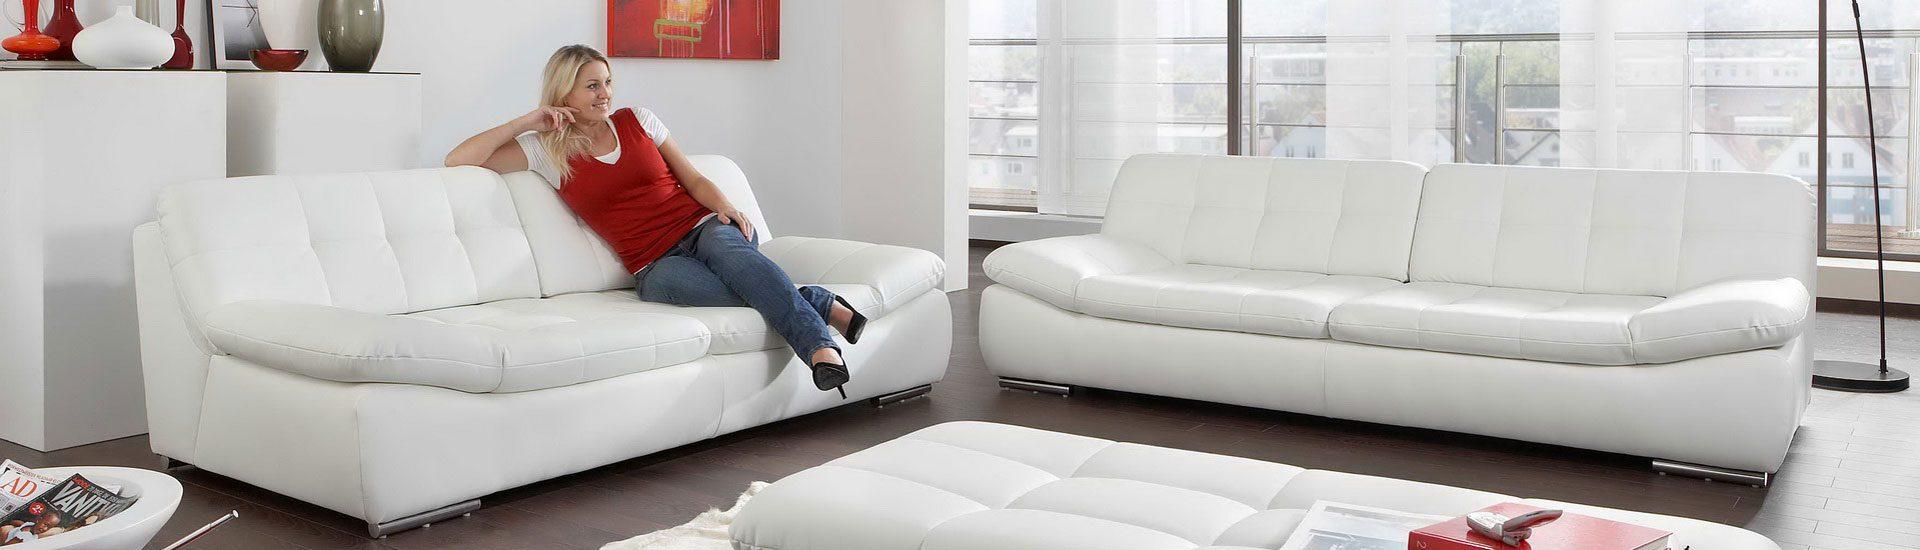 Мягкая мебель в Израиле - это DAX: полный каталог мягкой мебели